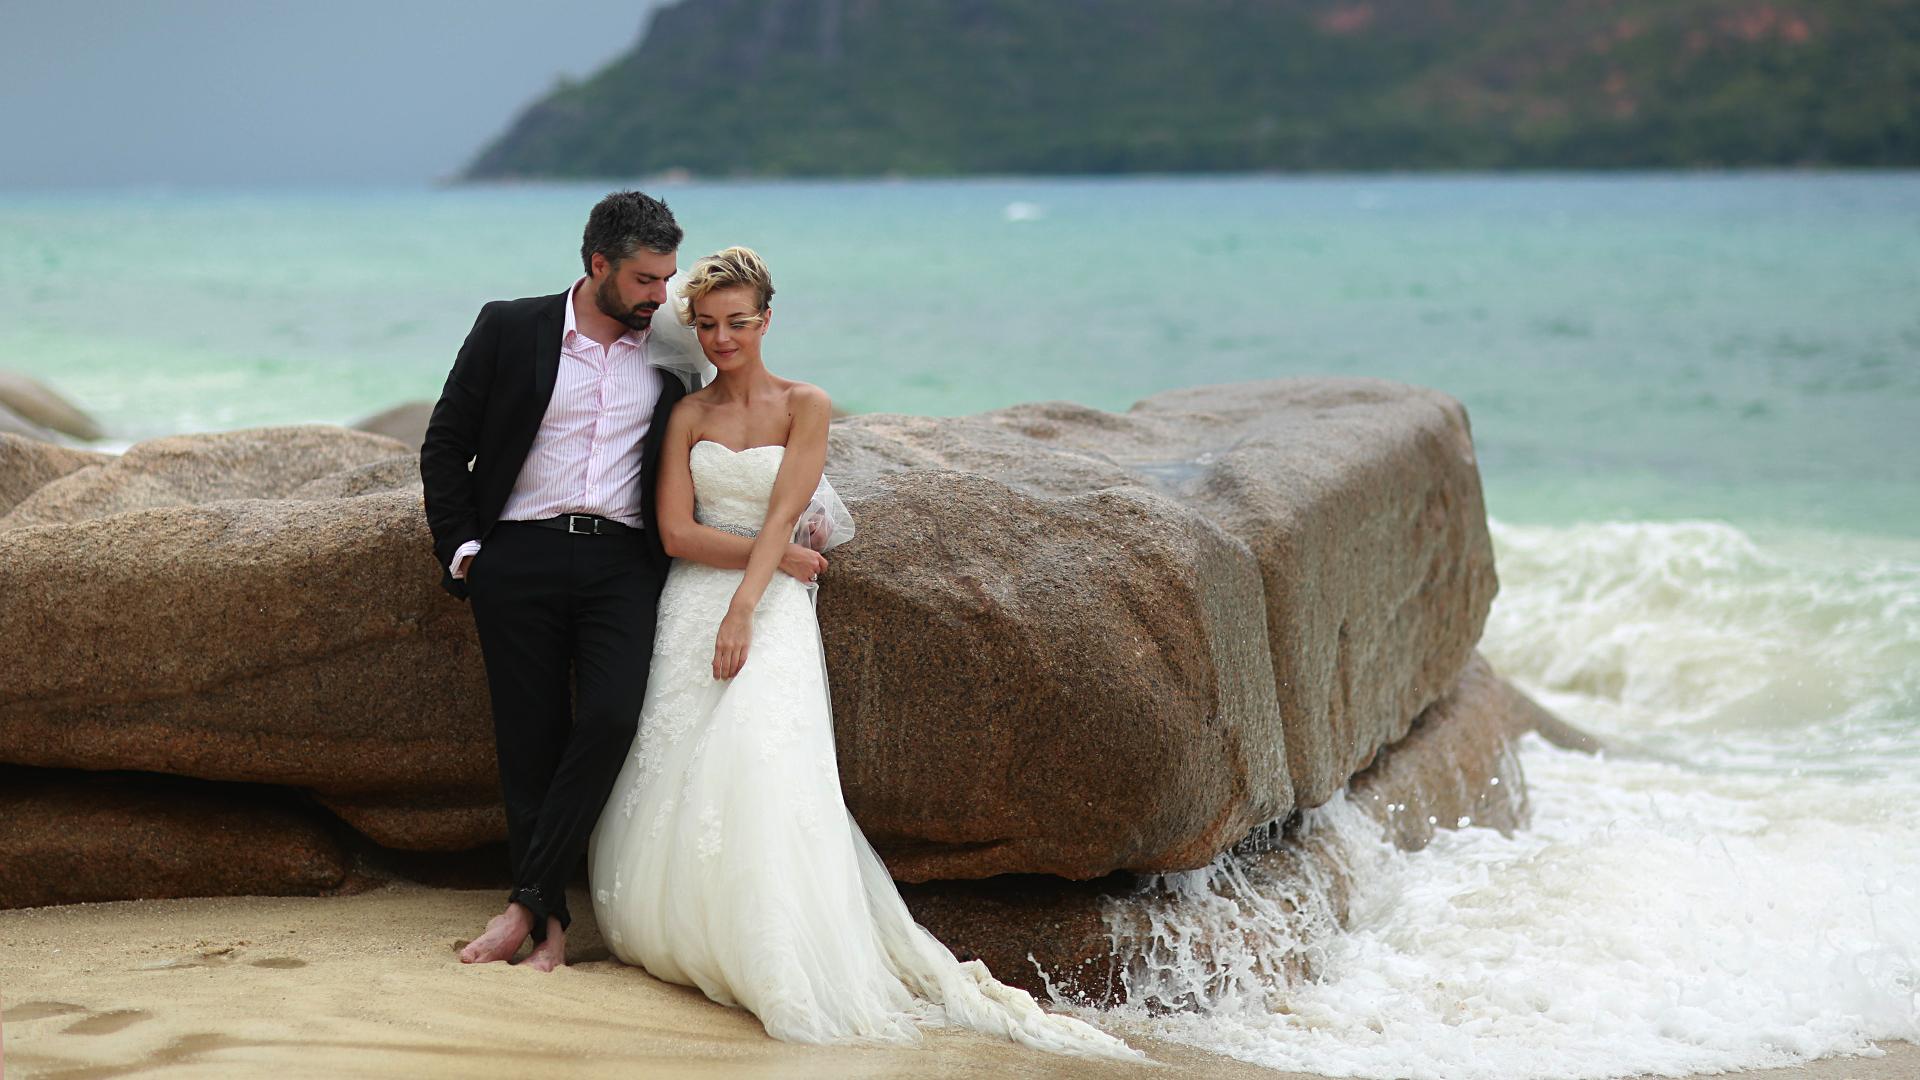 Первый муж полины гагариной фото свадьба